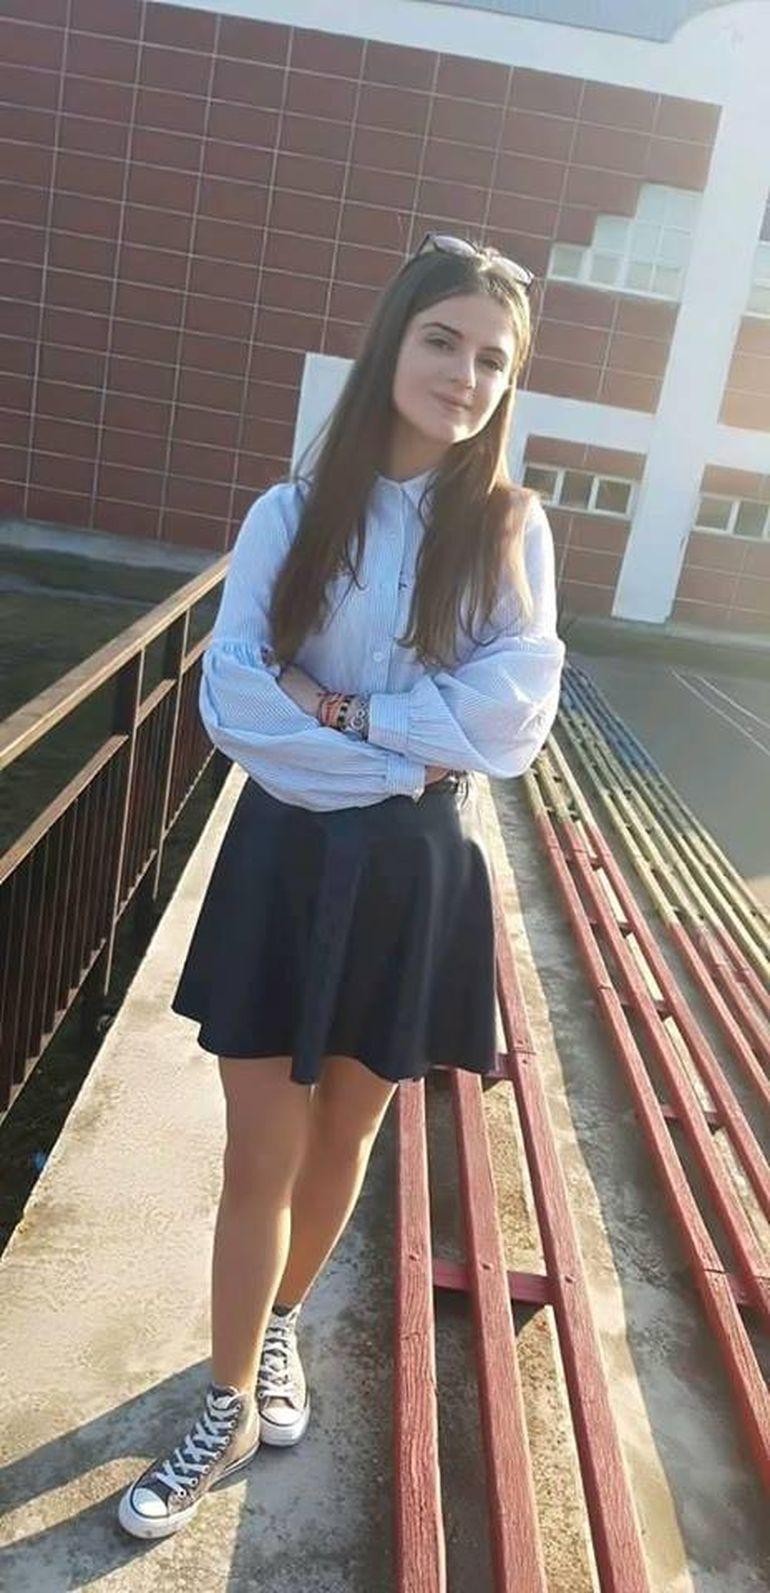 Ce se întâmplă ACUM cu fetele din liceul Alexandrei Măceșanu! Victima lui Gheorghe Dincă ar fi trebuit să fie clasa a X-a la un liceu din Caracal